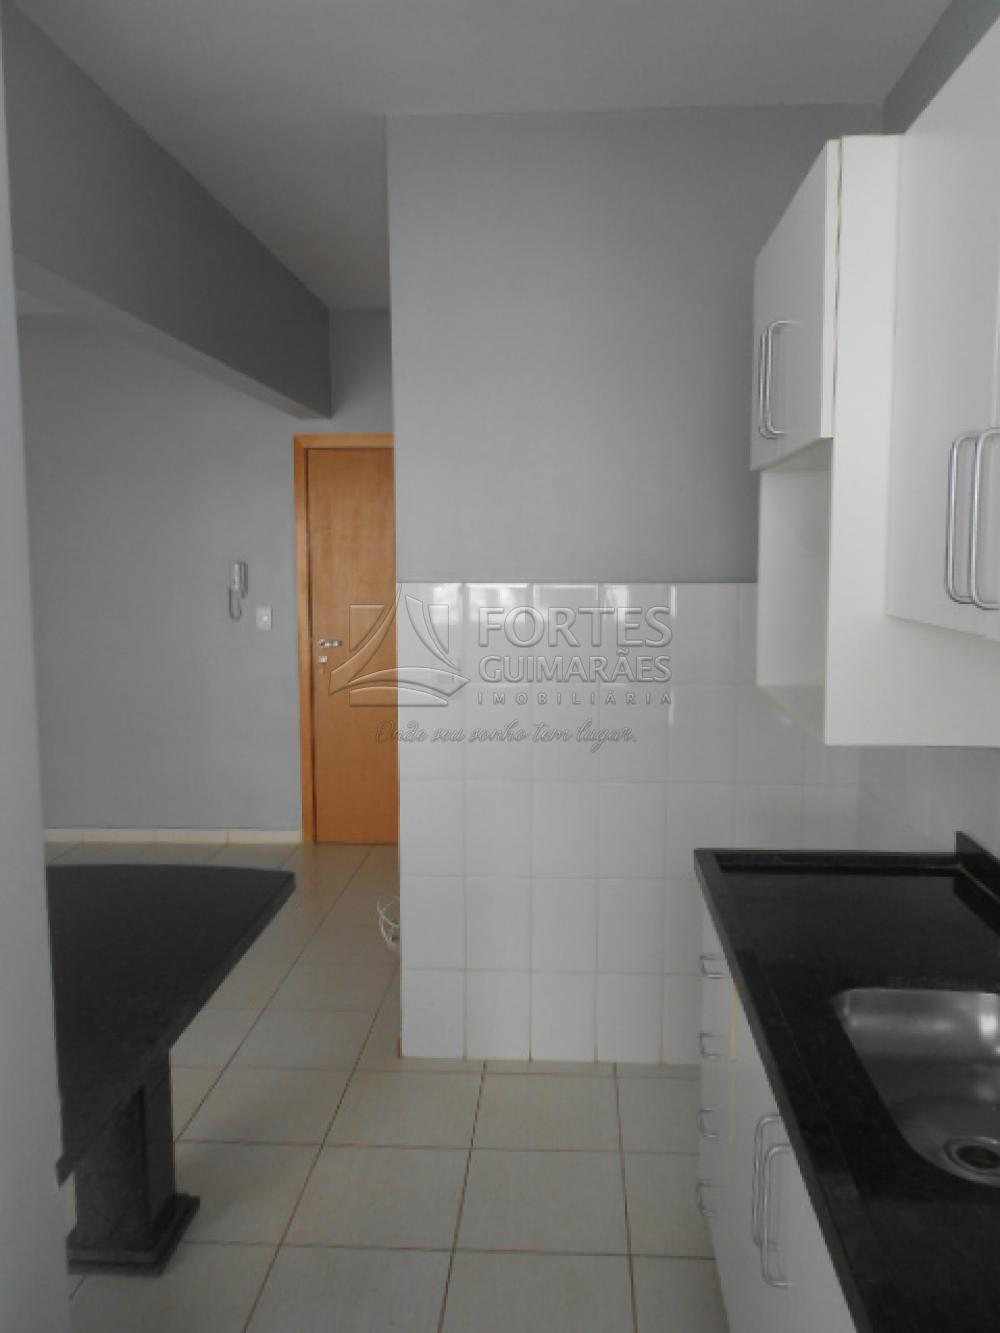 Alugar Apartamentos / Padrão em Ribeirão Preto apenas R$ 900,00 - Foto 19